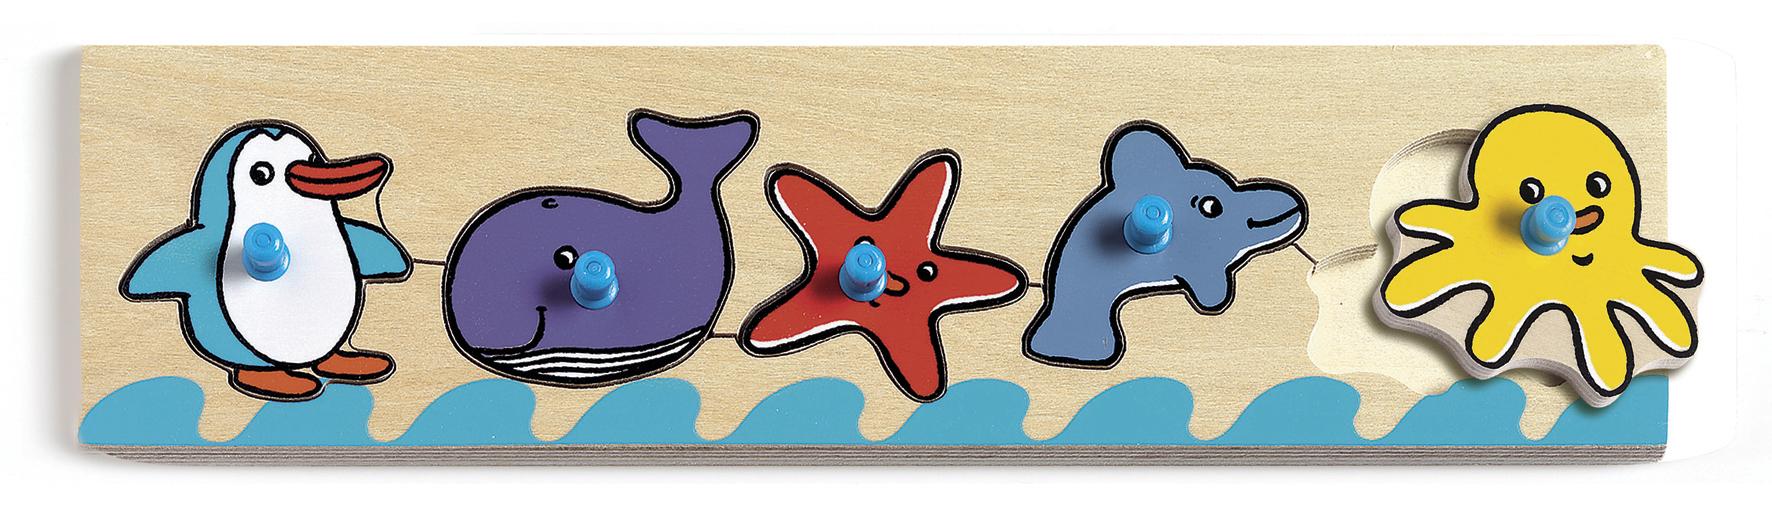 Puzzle bois - animaux marins - 30x8cm